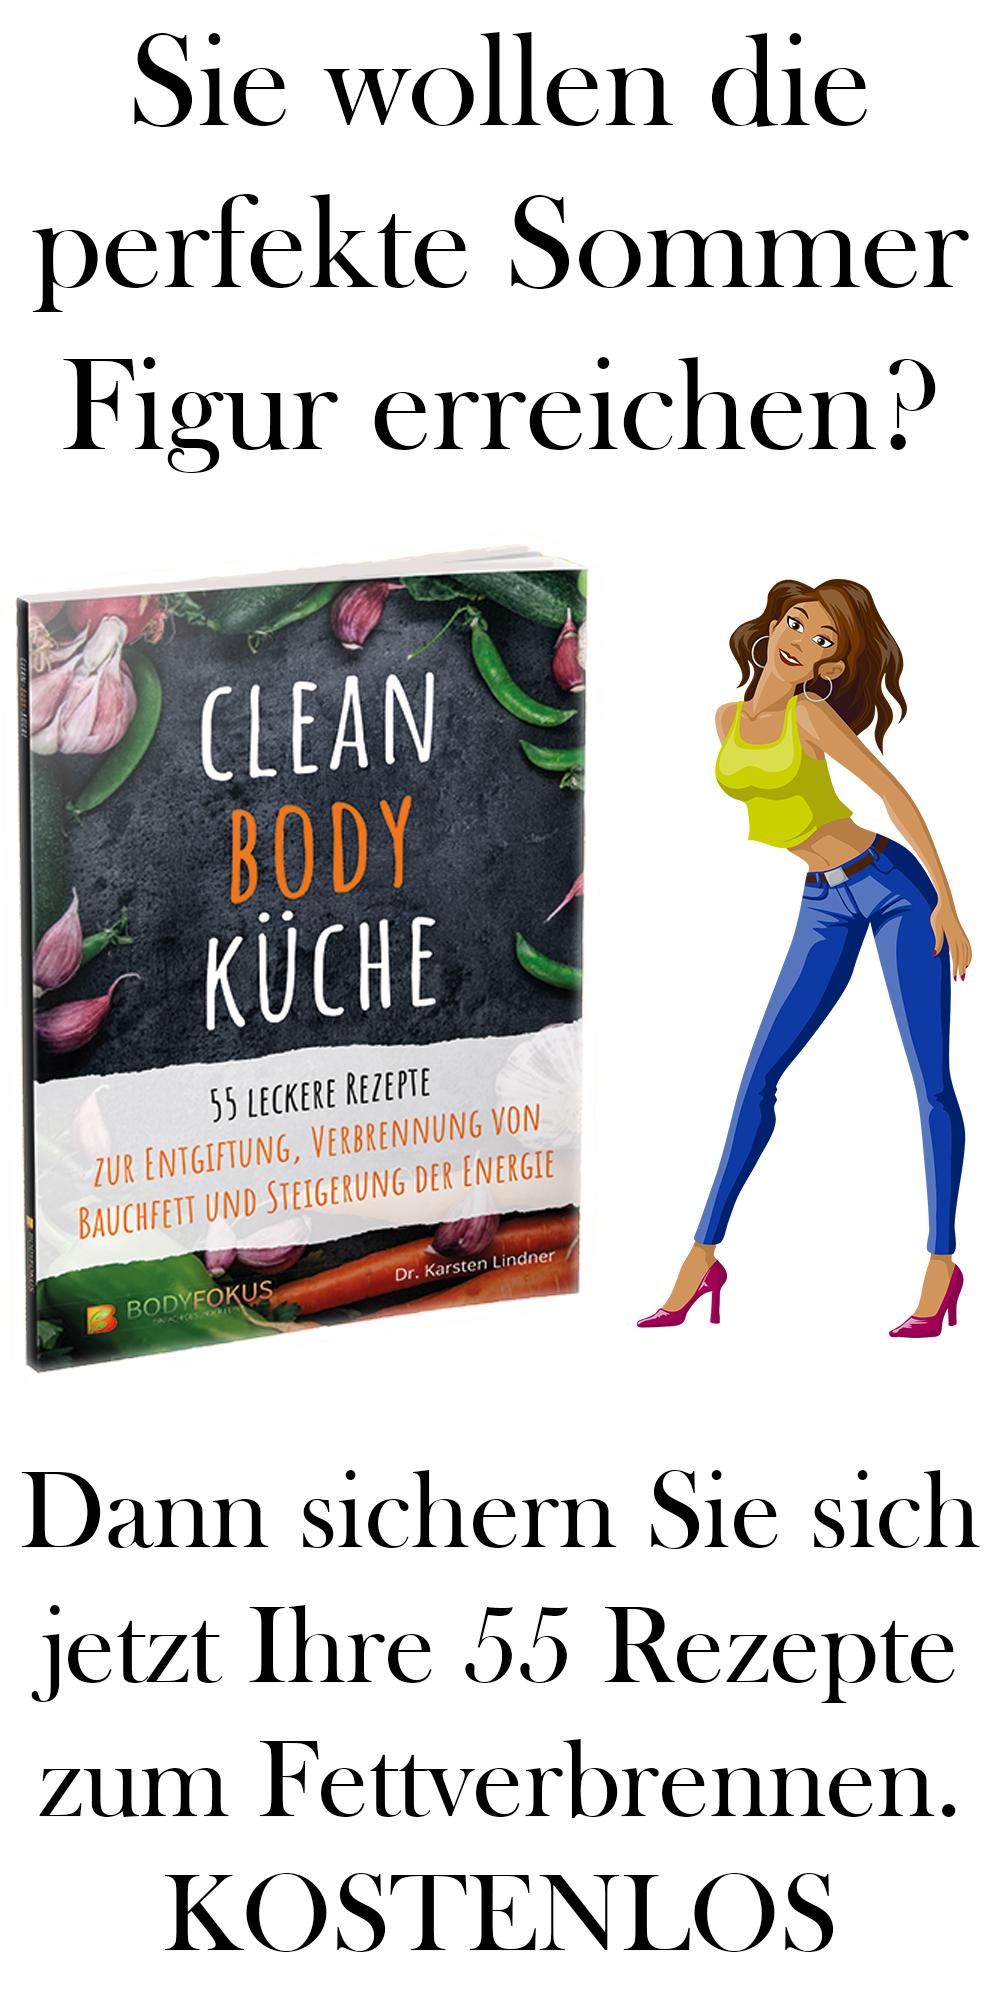 Pin Von Na Ku Auf Rezepte Gesunde Gewichtsabnahme Diatplan Zum Abnehmen Bauchfett